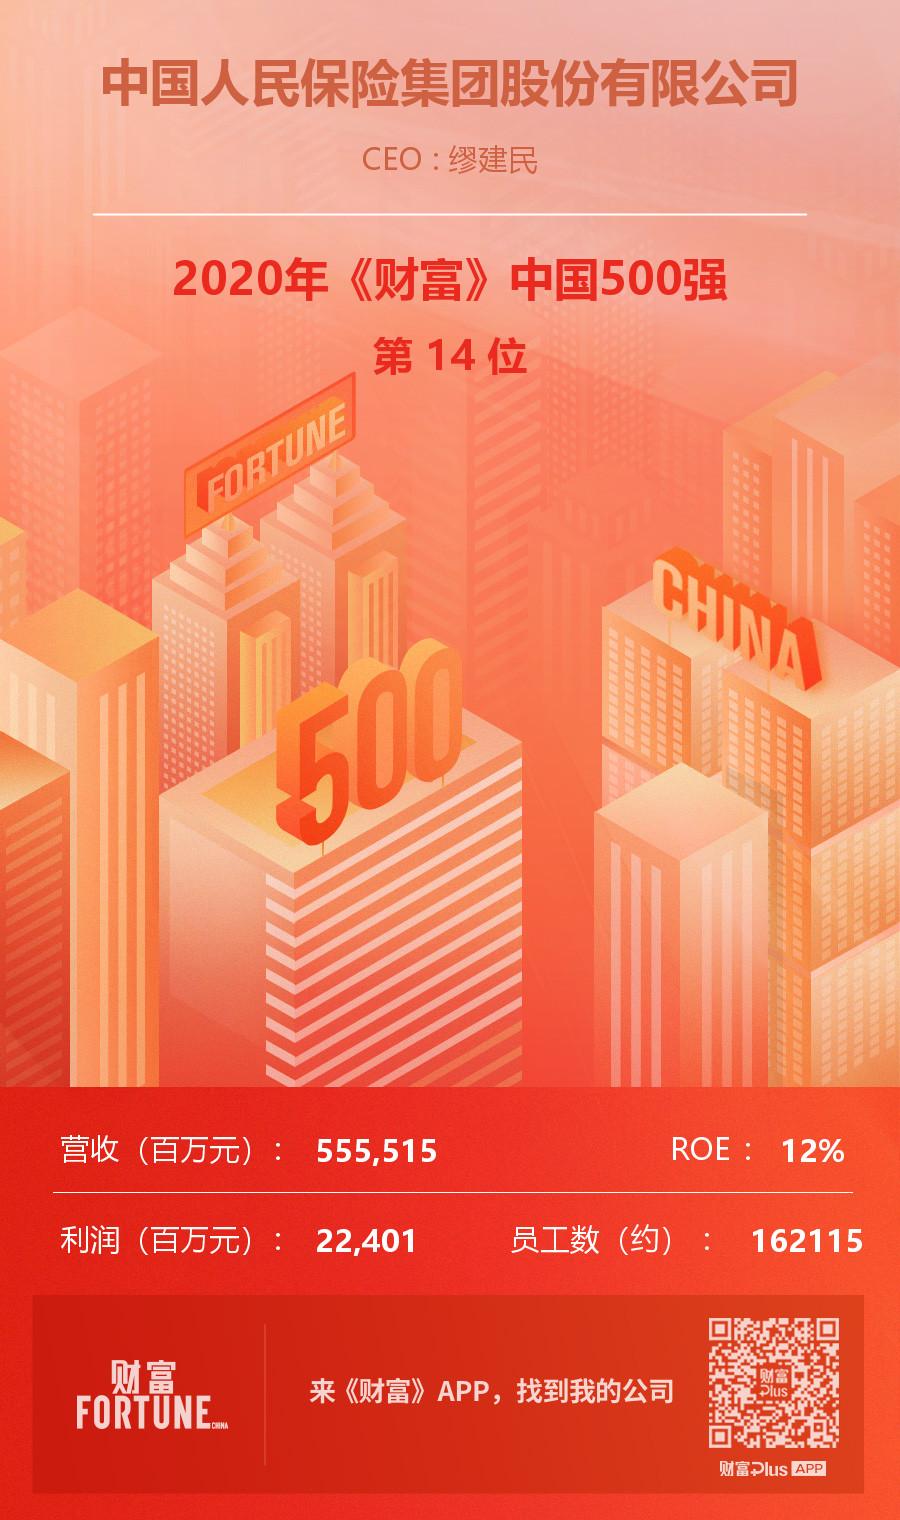 2013年保险公司排名_中国人民保险集团股份有限公司_2018年中国500强第13位_企业排名 ...